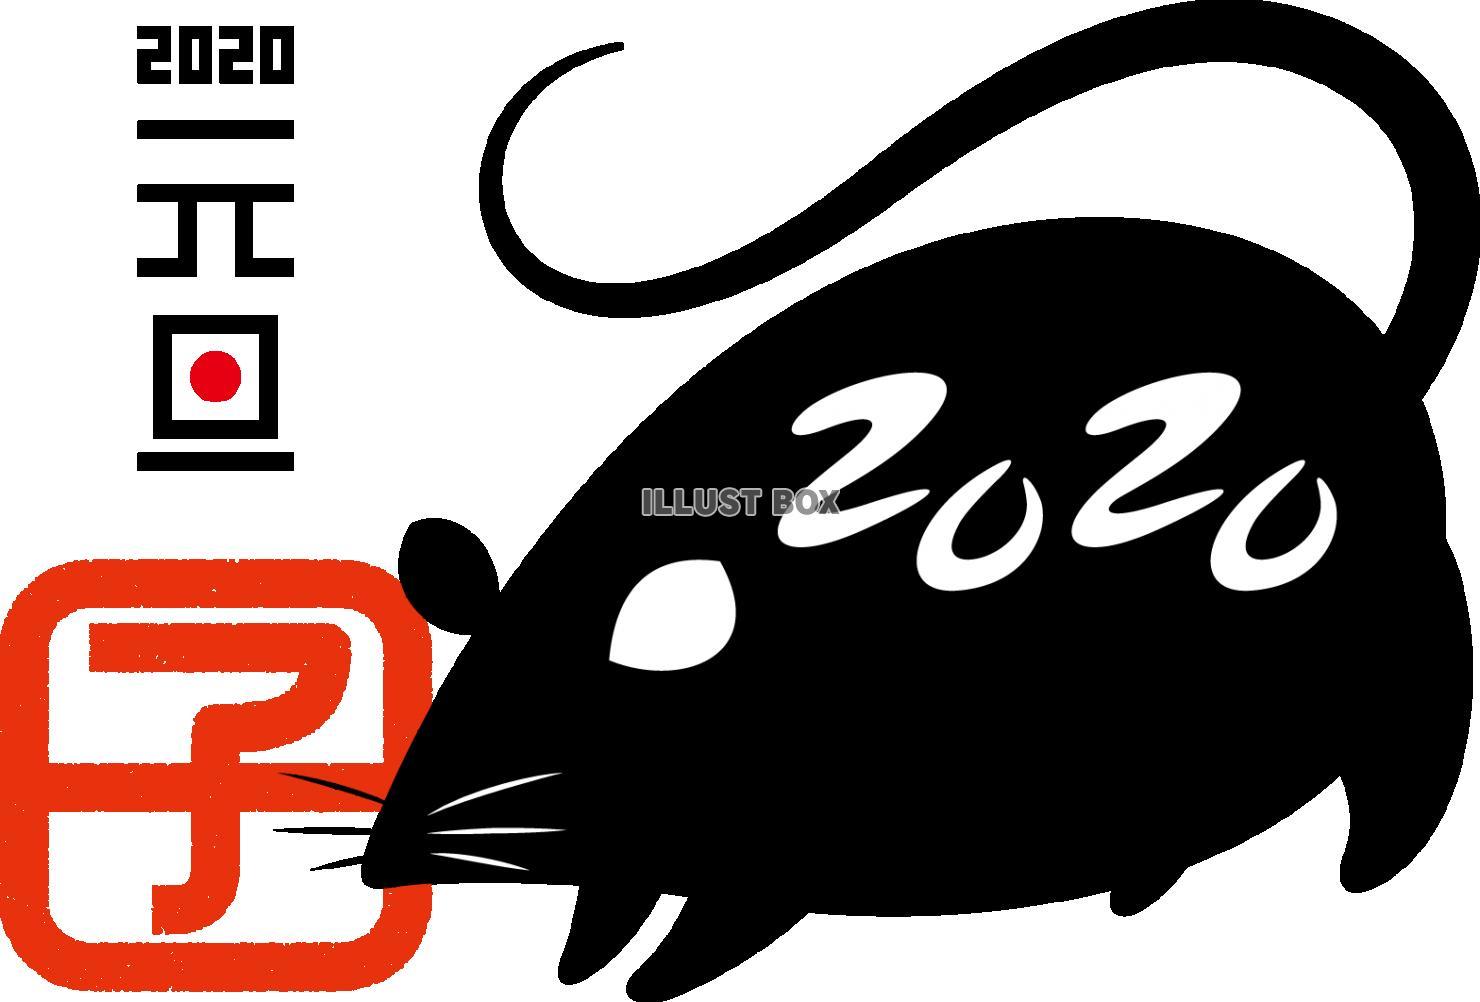 無料イラスト 2020年賀状 ネズミシルエット